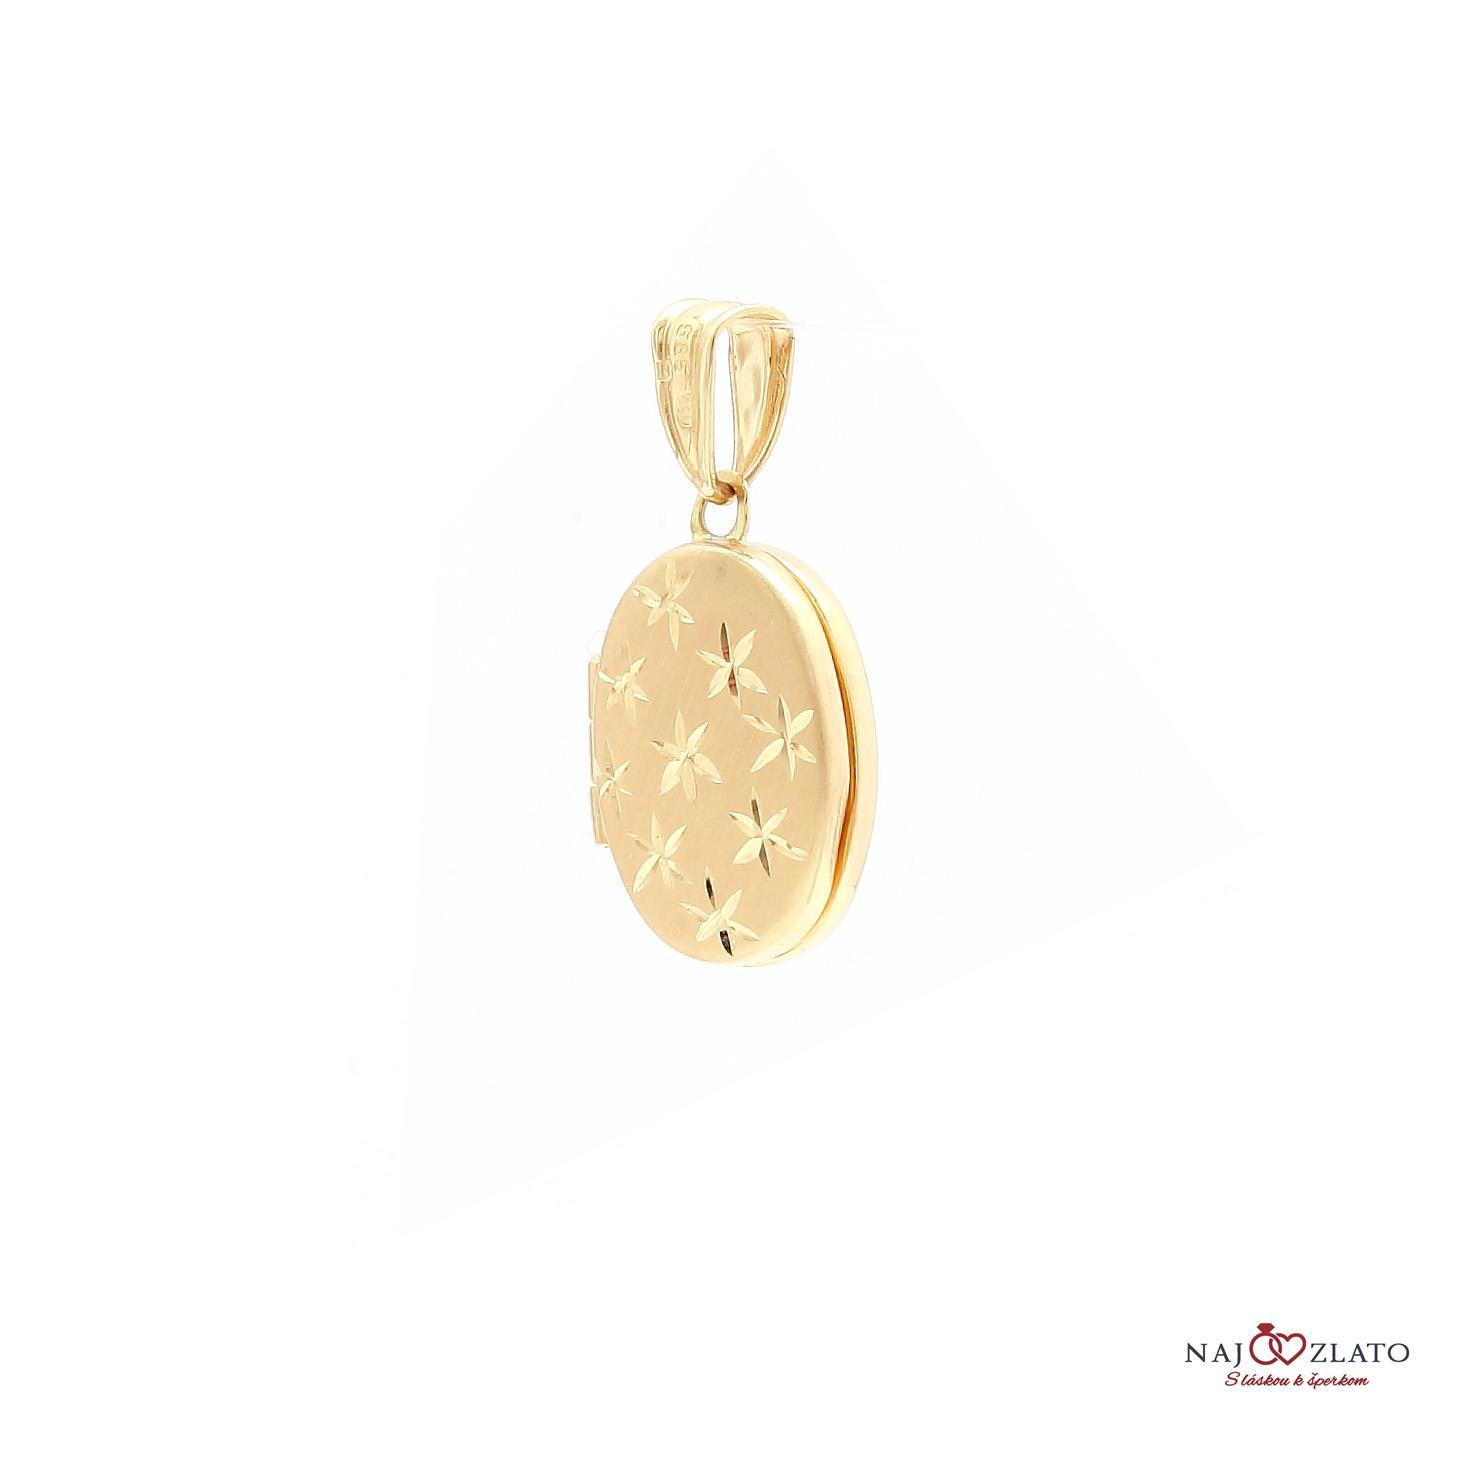 zlatý gravírovaný medailón na fotku zlatý gravírovaný medailón na fotku 1 zlatý  gravírovaný medailón na fotku 2 14a75e58f3d